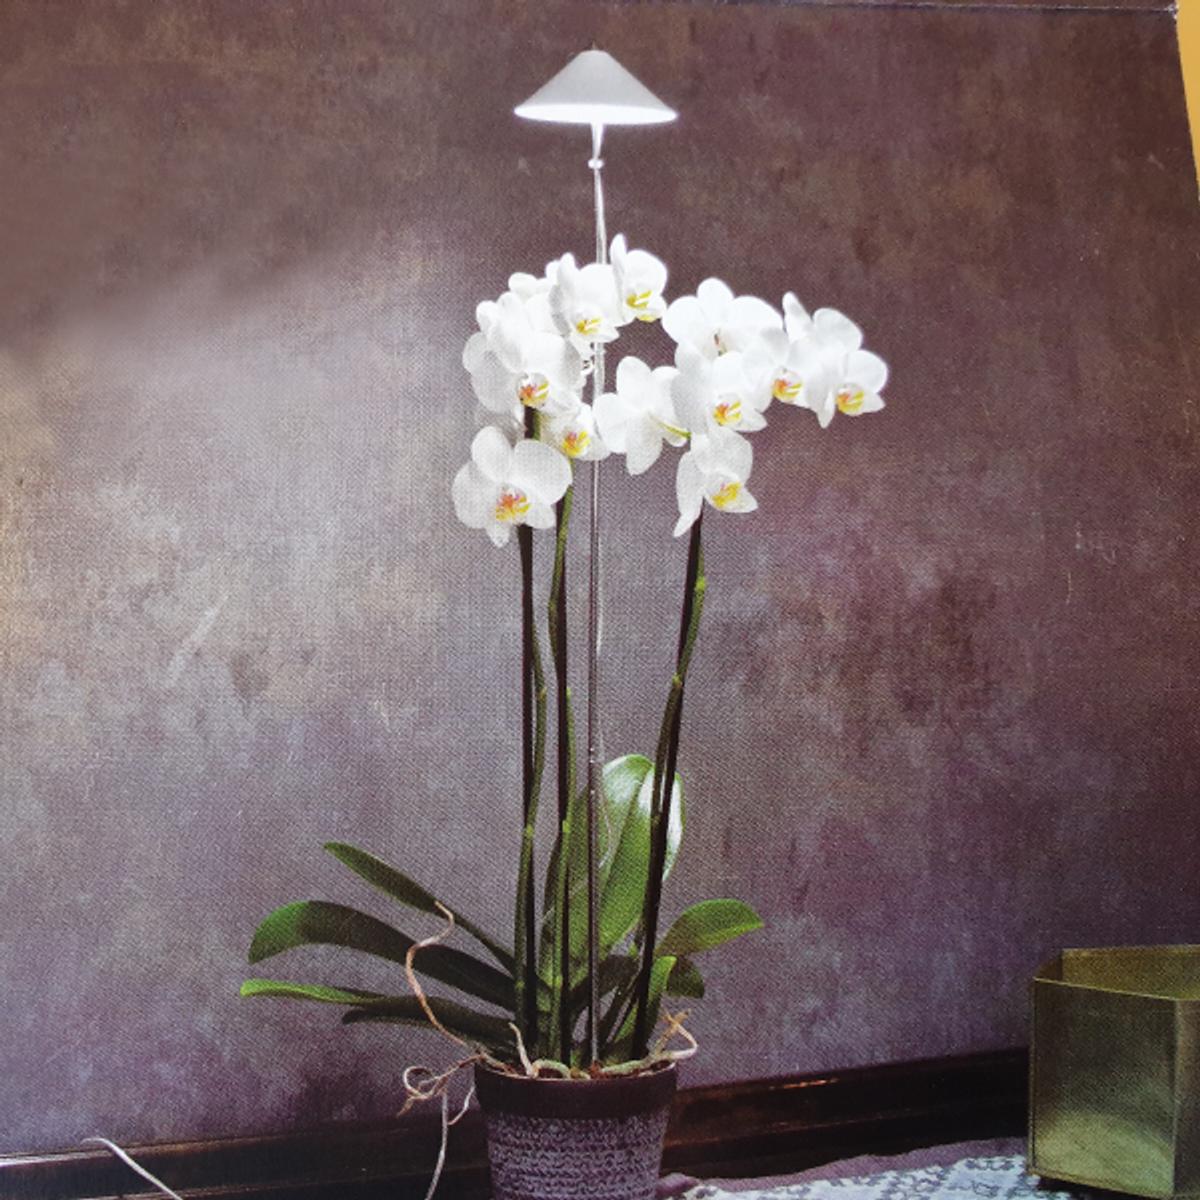 Sunlite Orkidelys Hvit 10 W